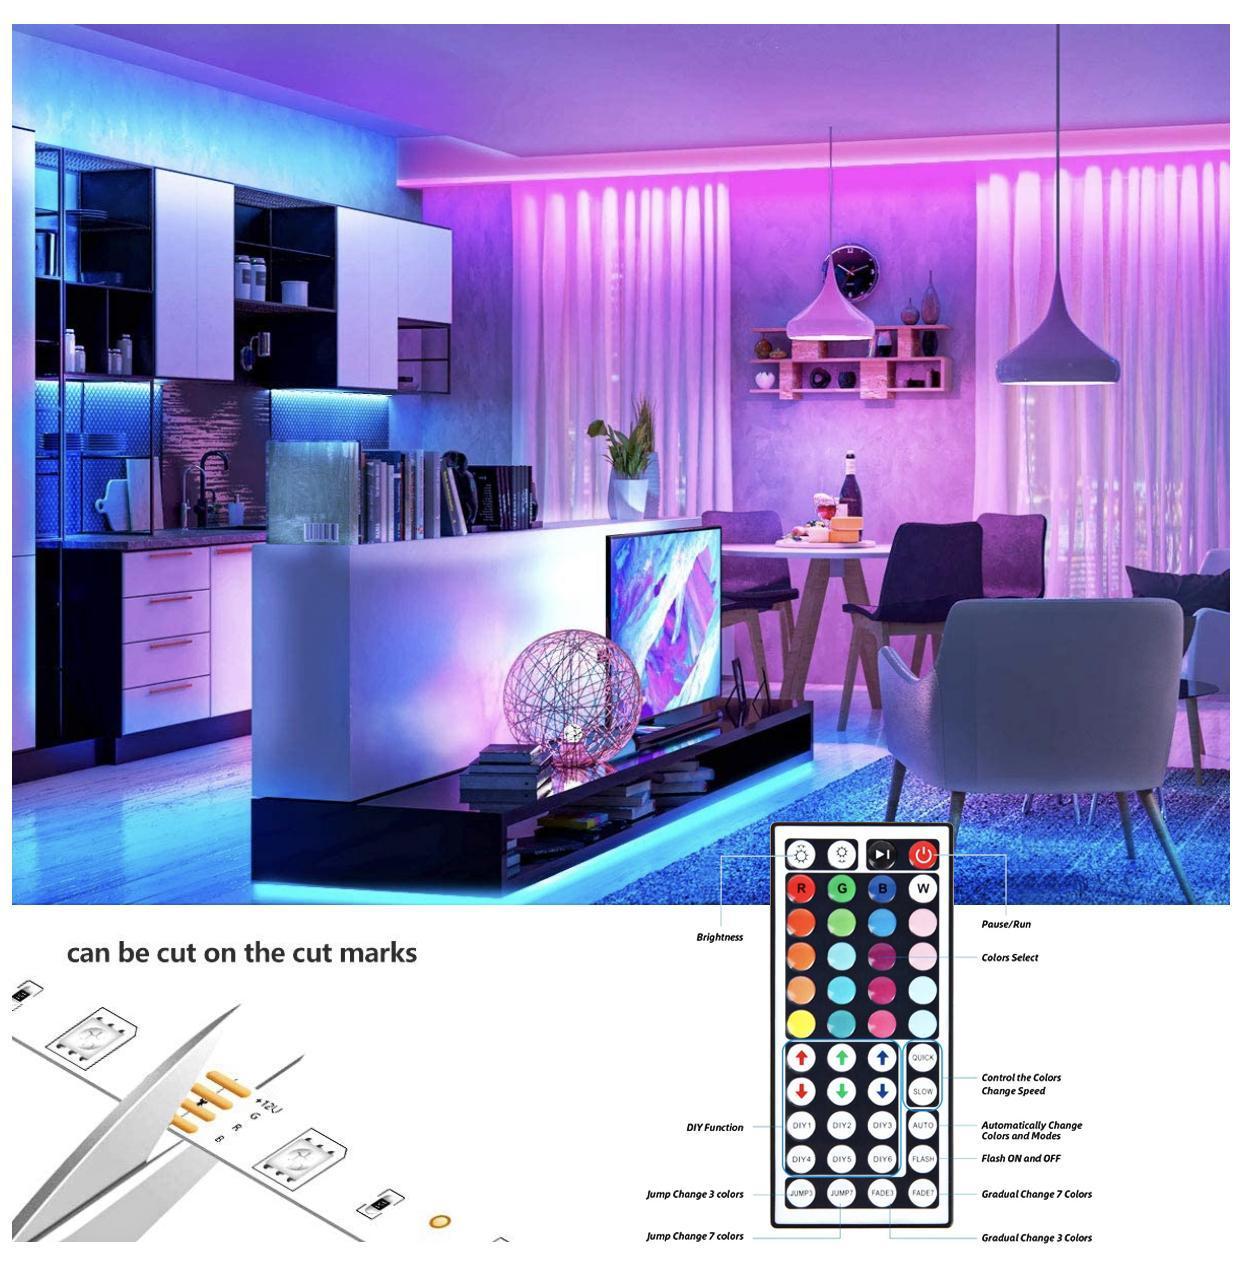 Горячие продажи Светодиодные светильники RGB 16,4FT / 5M SMD 5050 DC12V Гибкие светодиодные полосы Lights 50LED / METER 16Different статические цвета